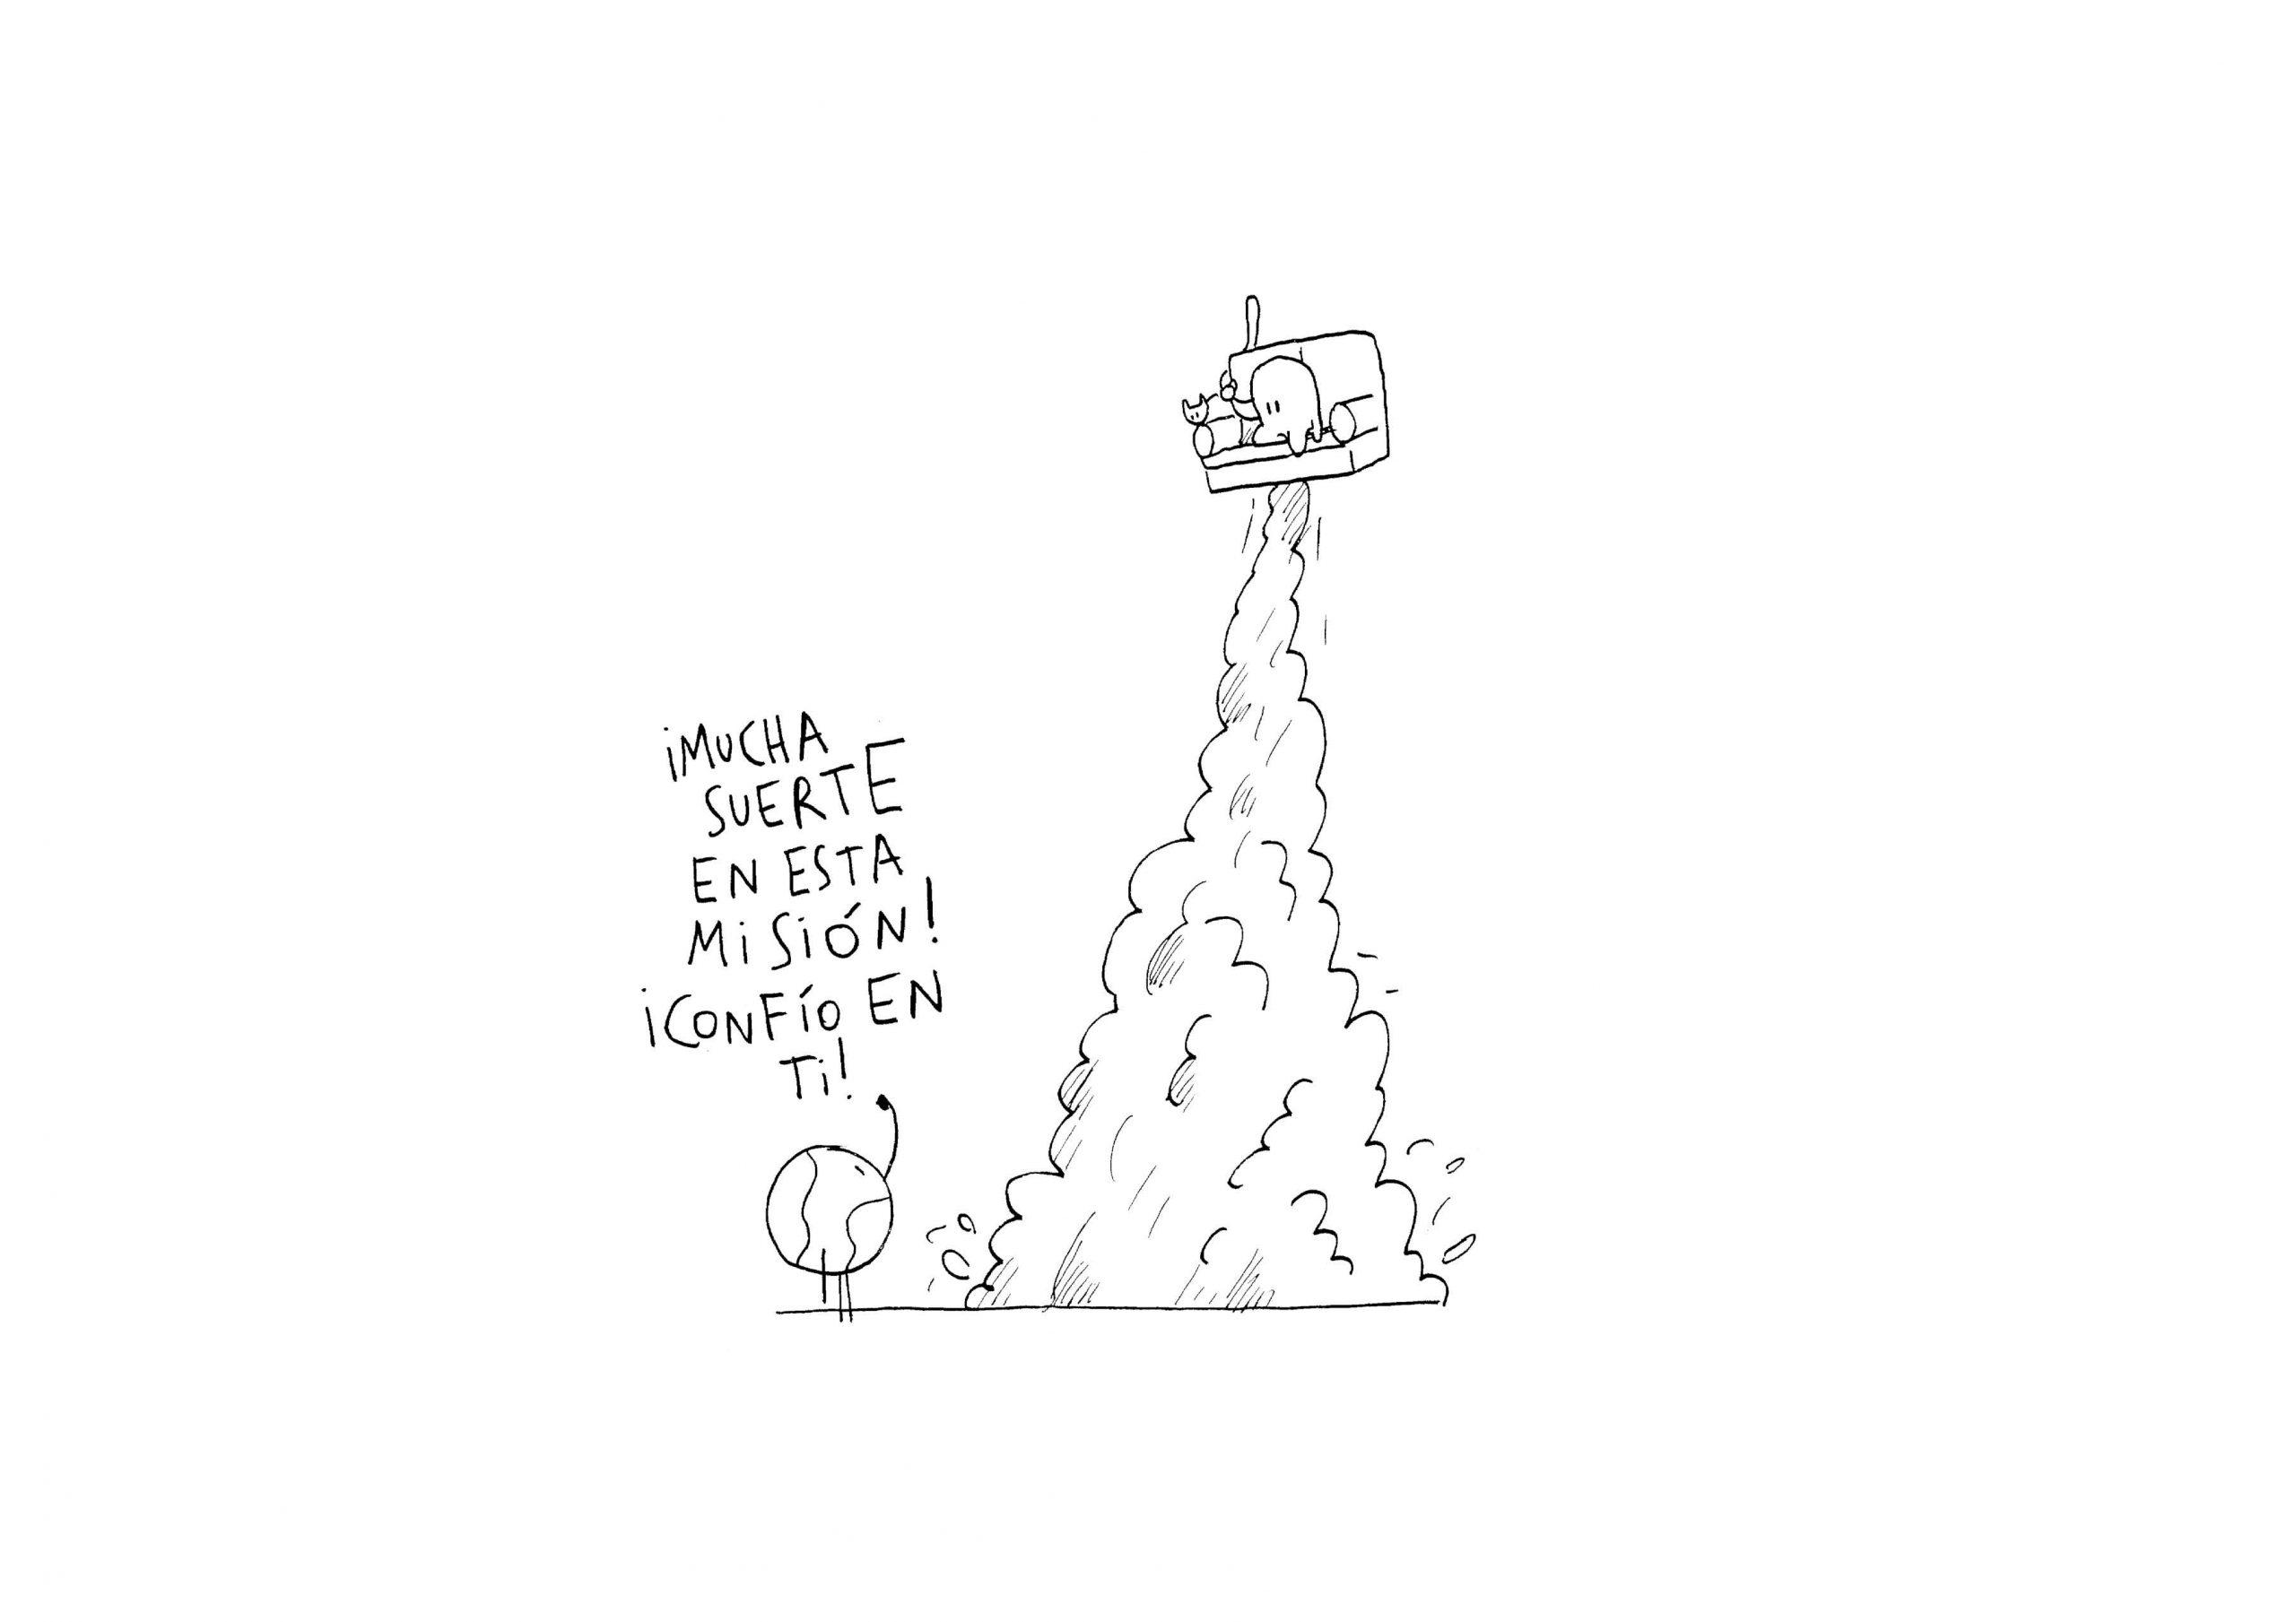 CUENTO-MISION-QUEDARSE-EN-CASA_Page_08